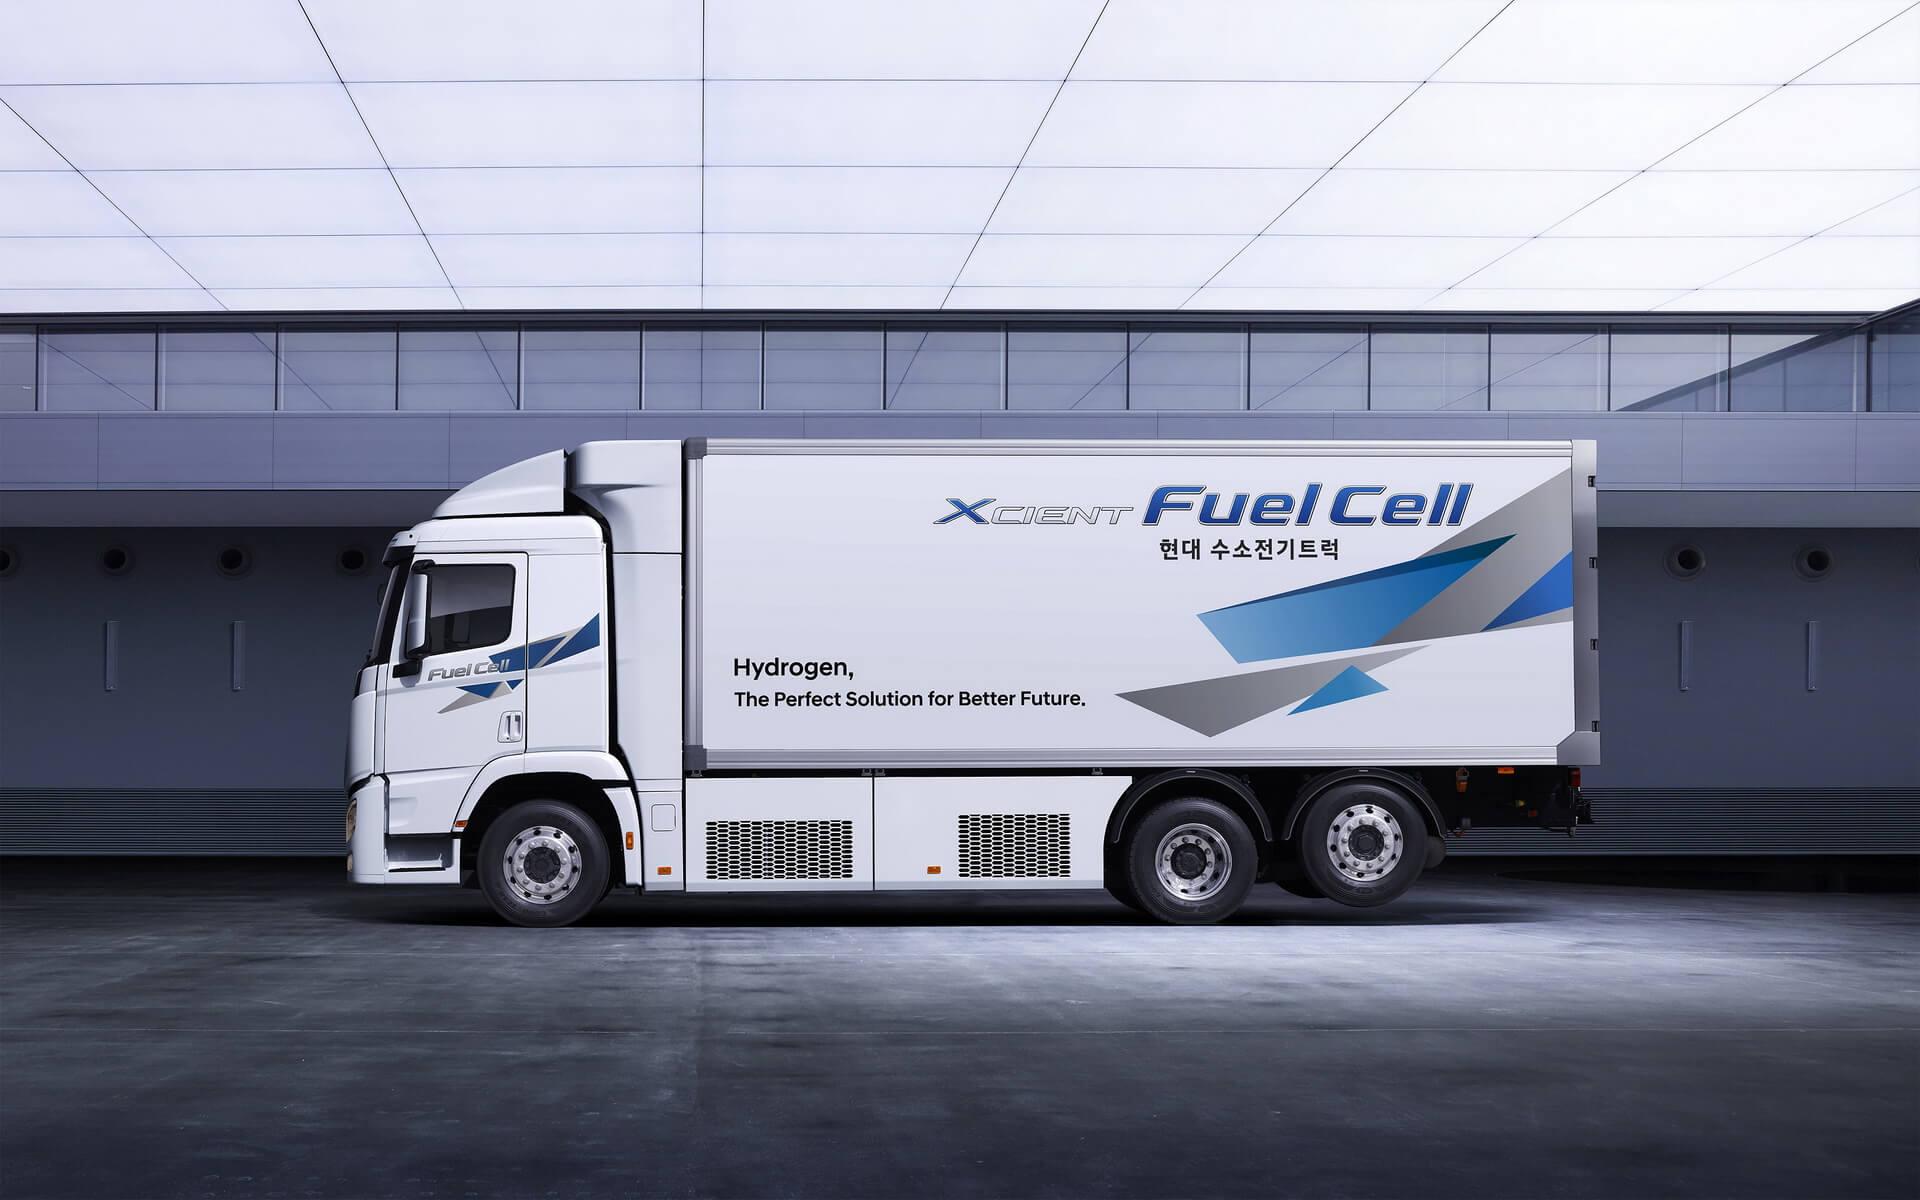 Hyundai представил обновленный тяжелый грузовик на топливных элементах XCIENT Fuel Cell